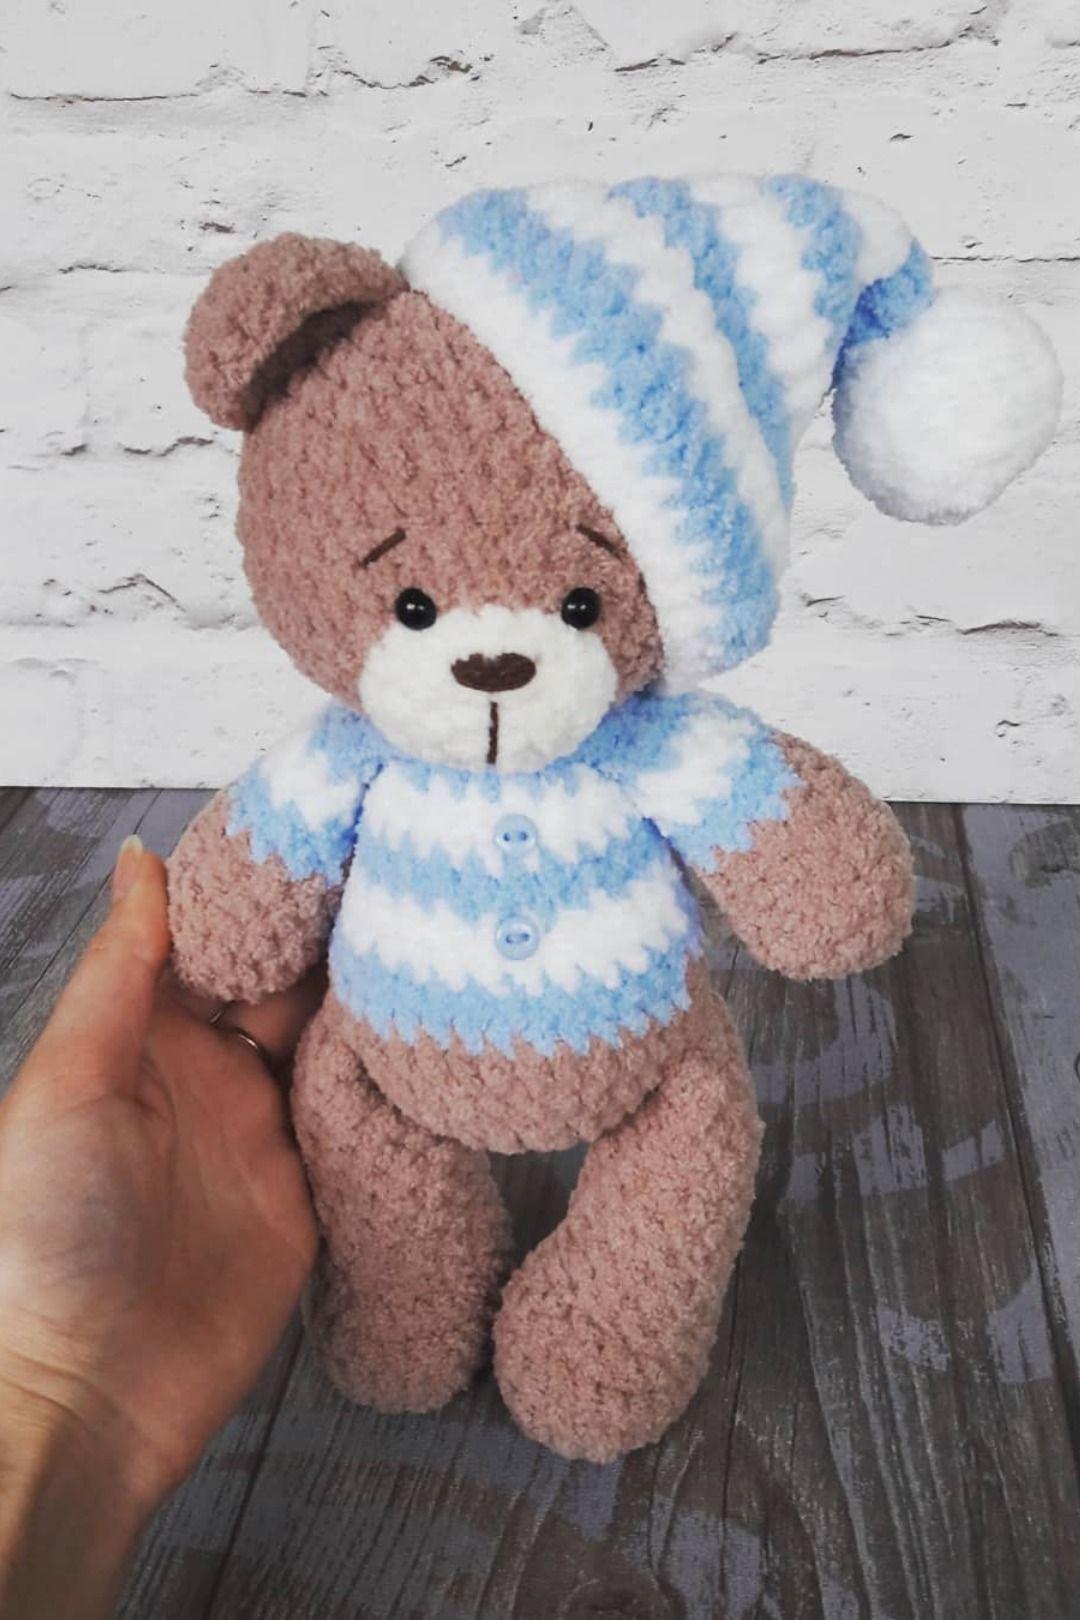 50 Free Crochet Teddy Bear Patterns ⋆ DIY Crafts | 1620x1080